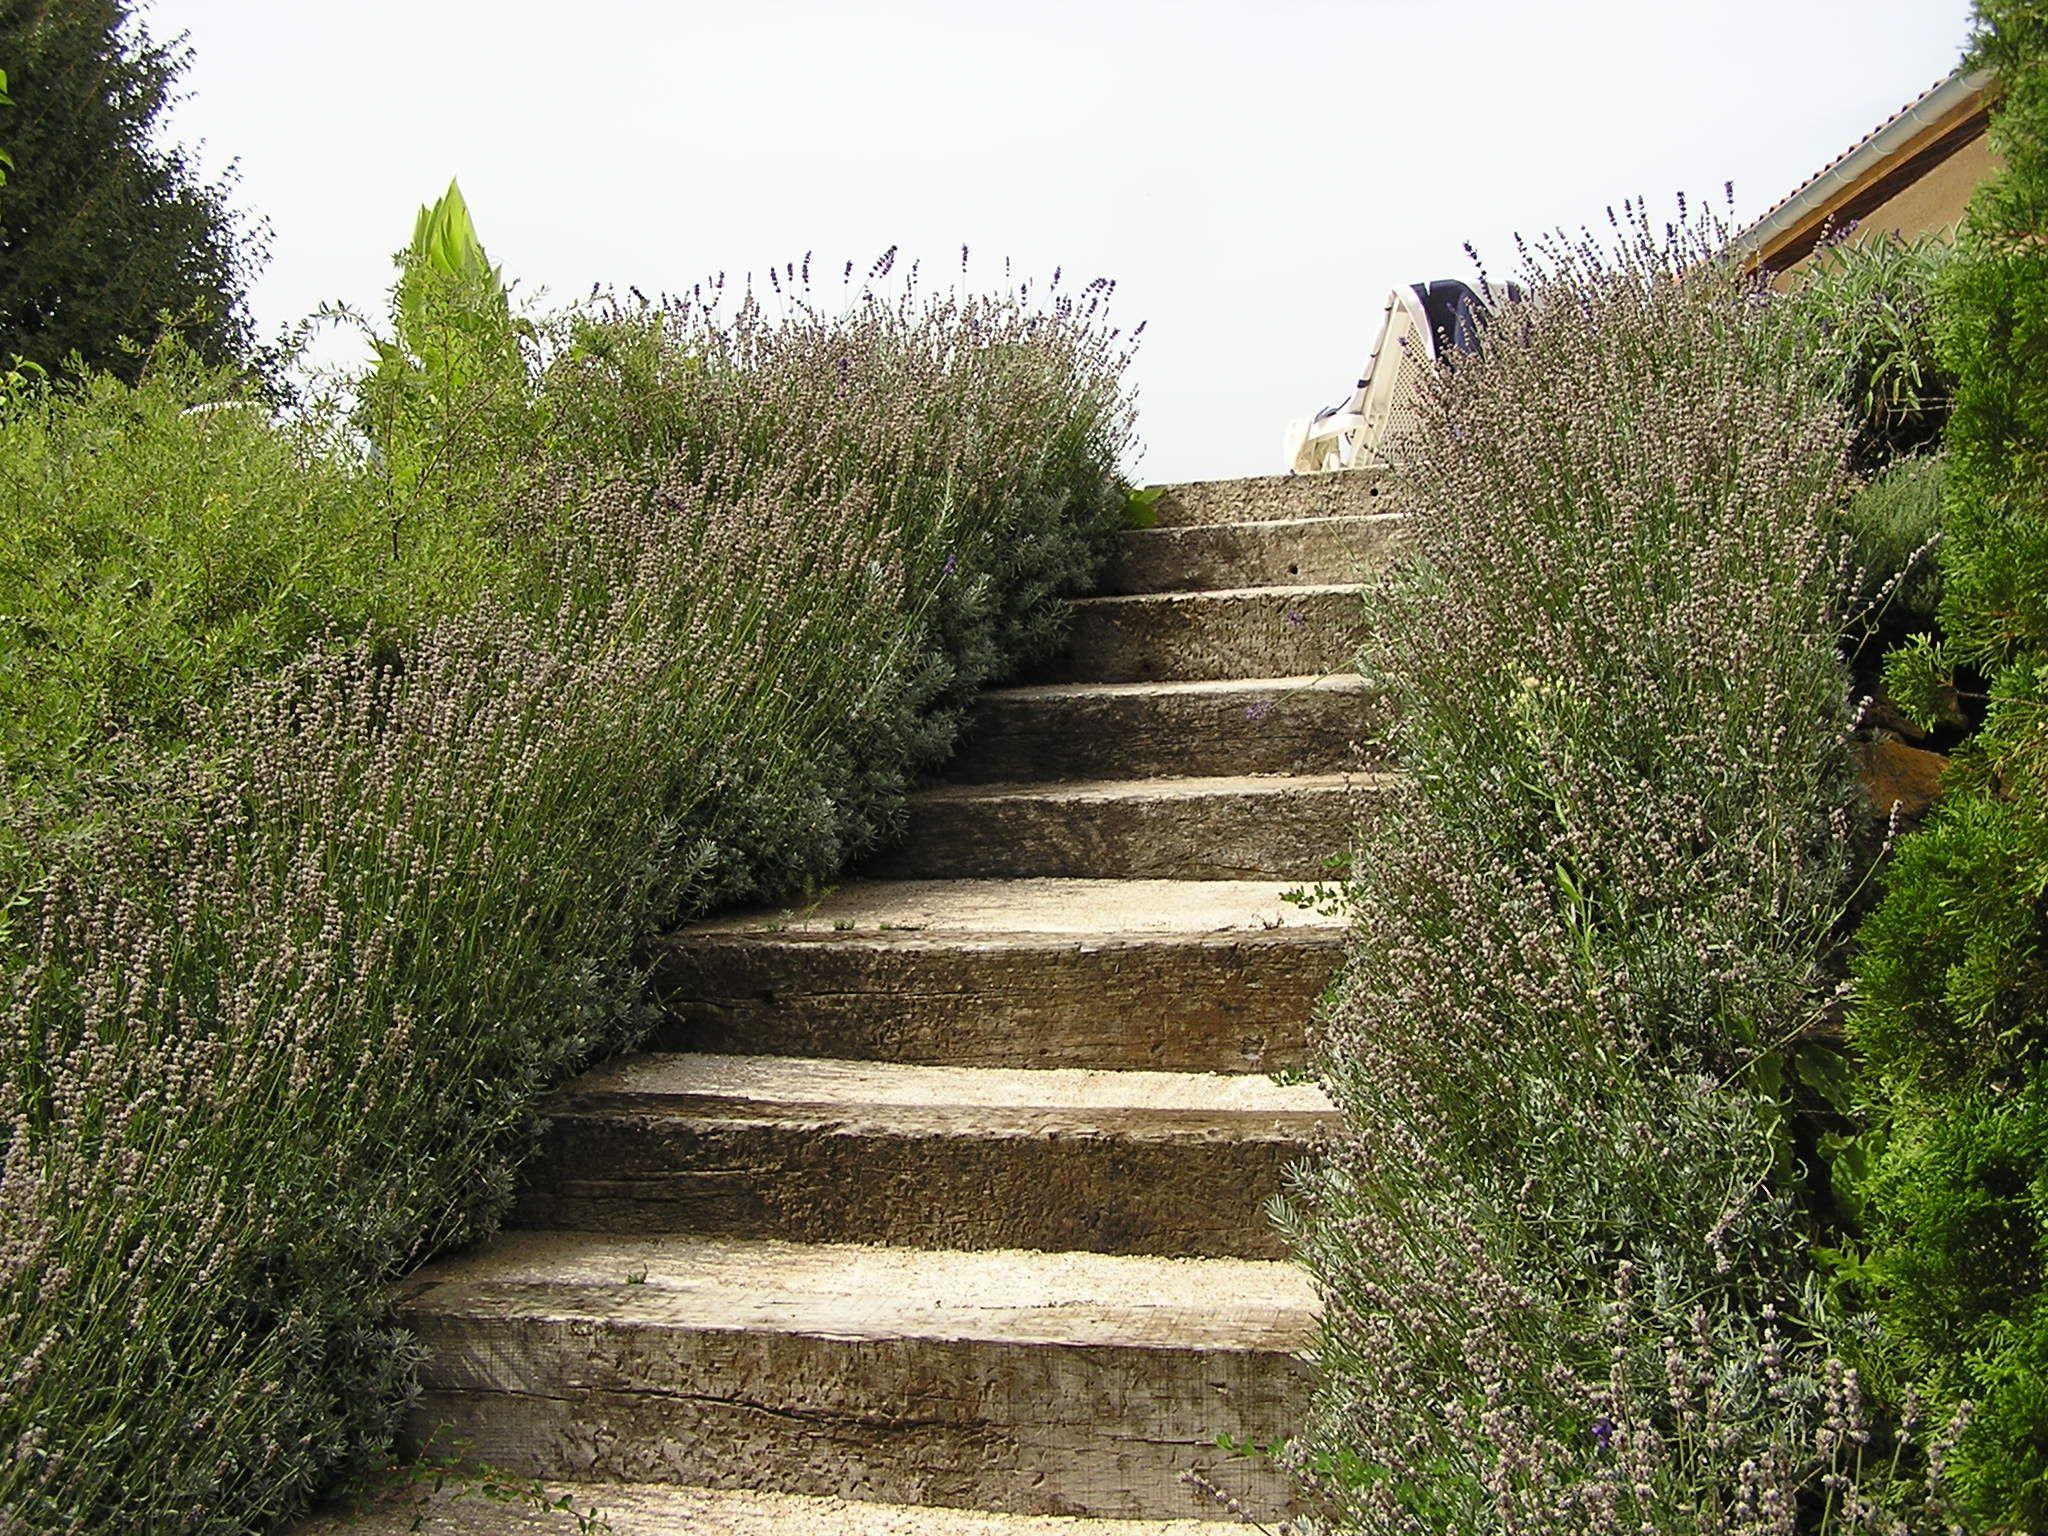 afficher l 39 image d 39 origine jardinage pinterest talus escalier ext rieur et escaliers. Black Bedroom Furniture Sets. Home Design Ideas